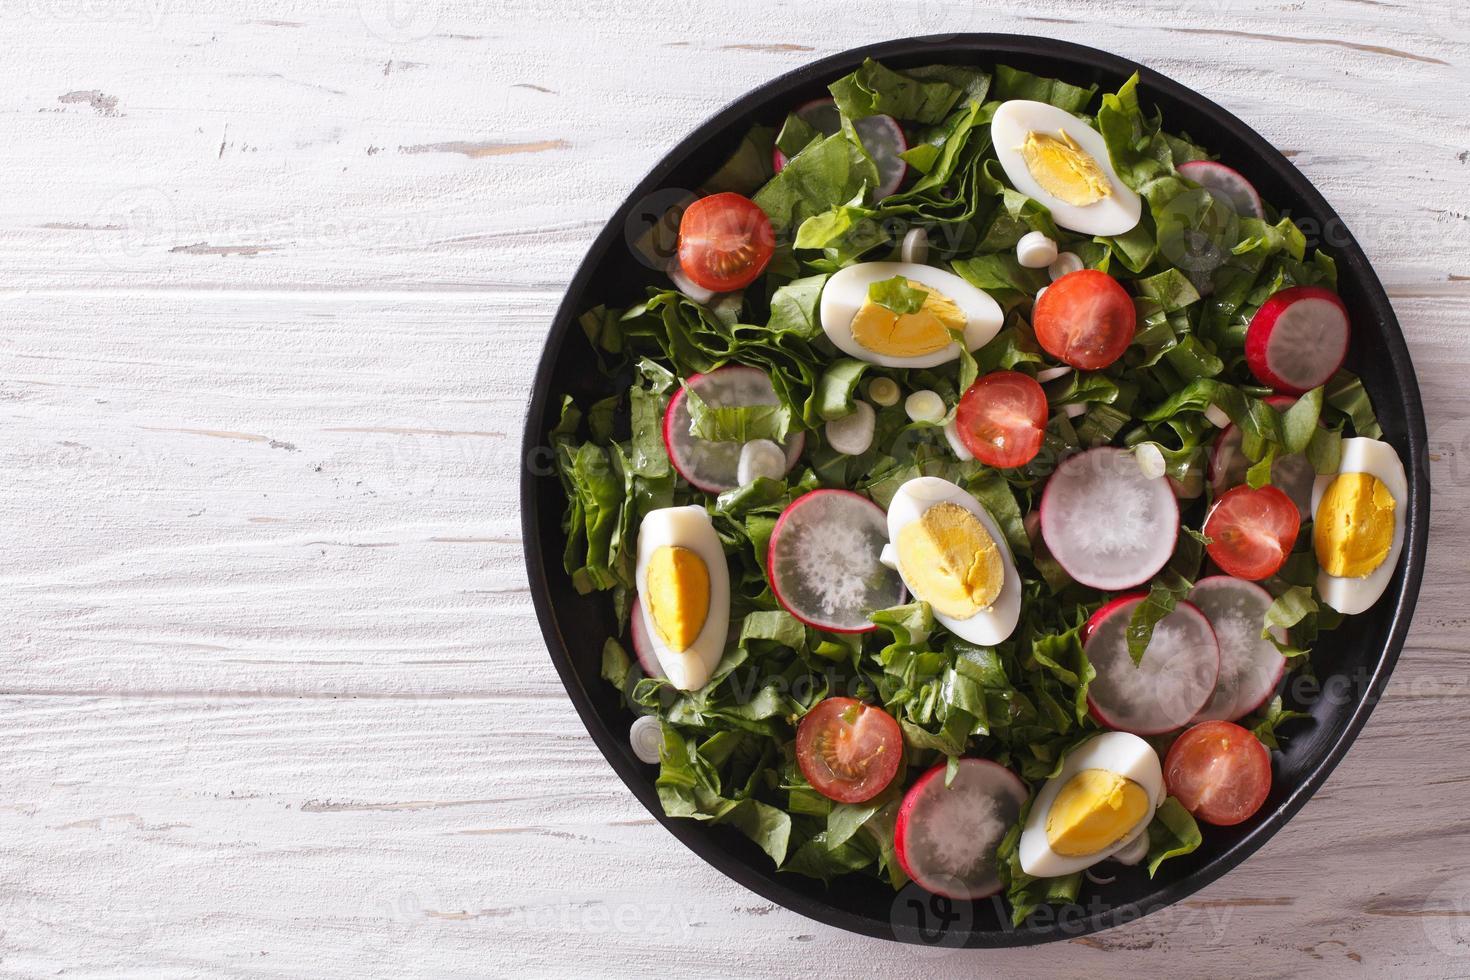 verse lente salade met eieren op tafel. horizontaal bovenaanzicht foto